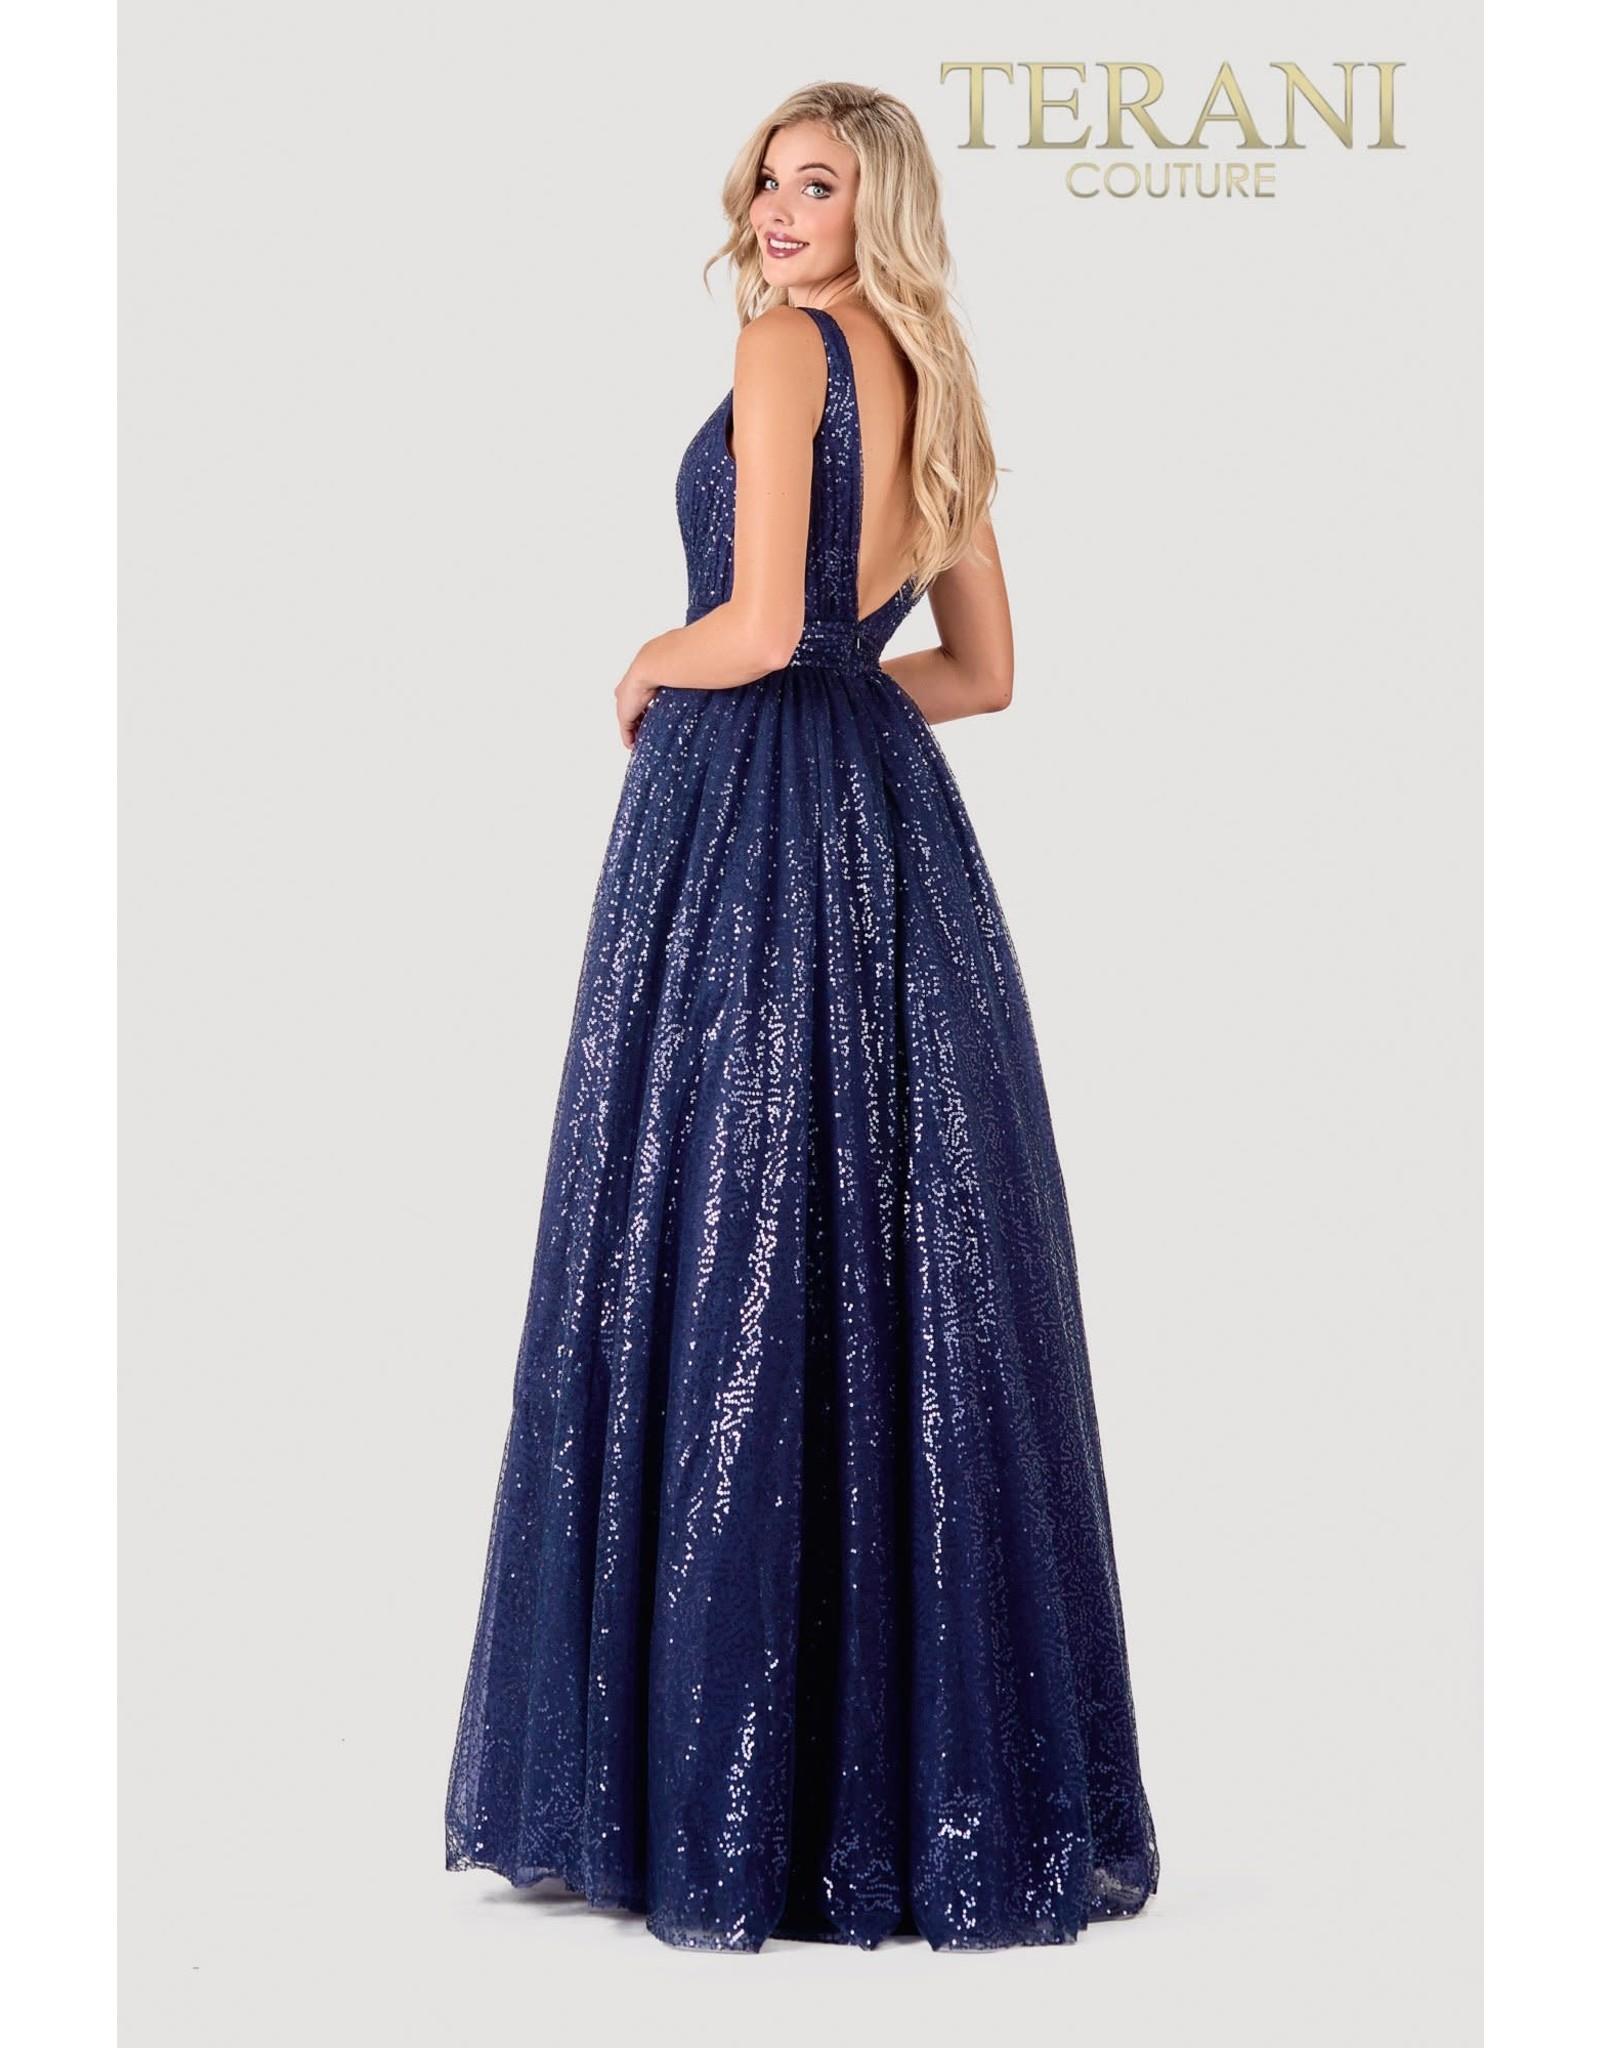 Terani 2111P4113 Terani Dresses